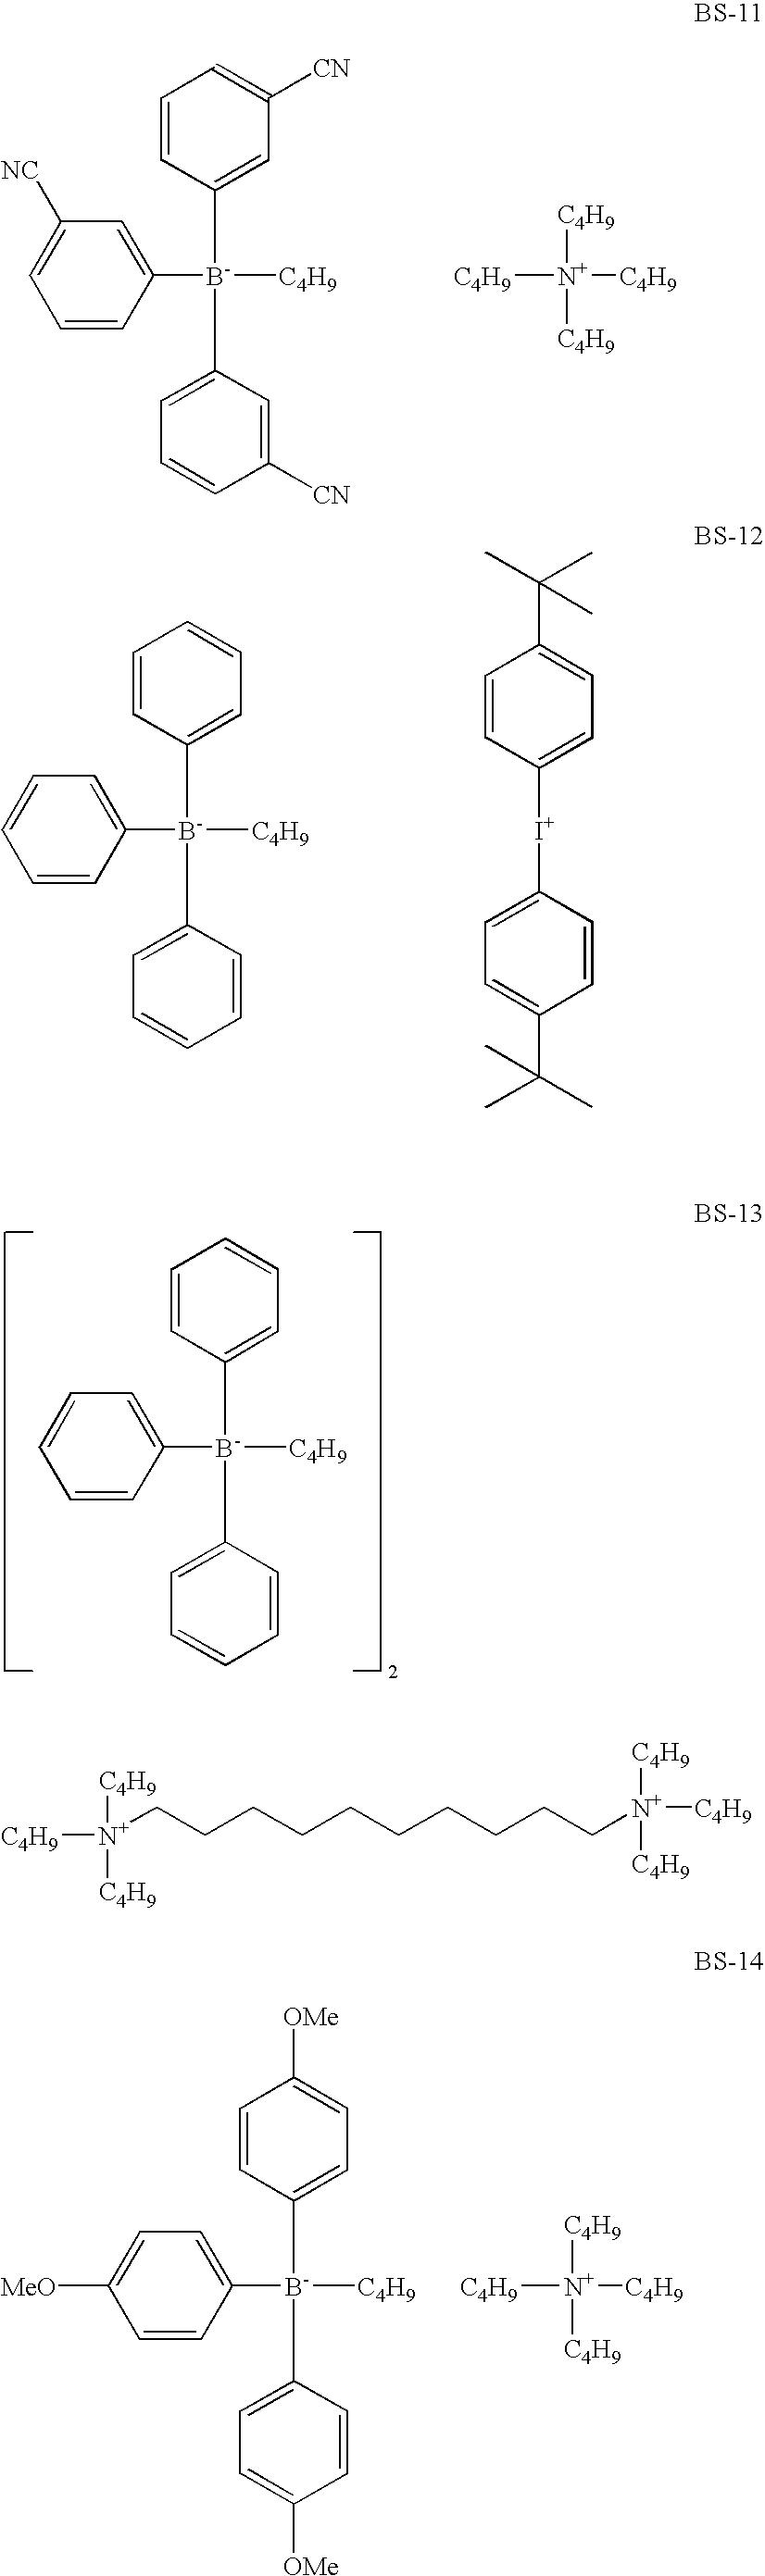 Figure US20050164116A1-20050728-C00012